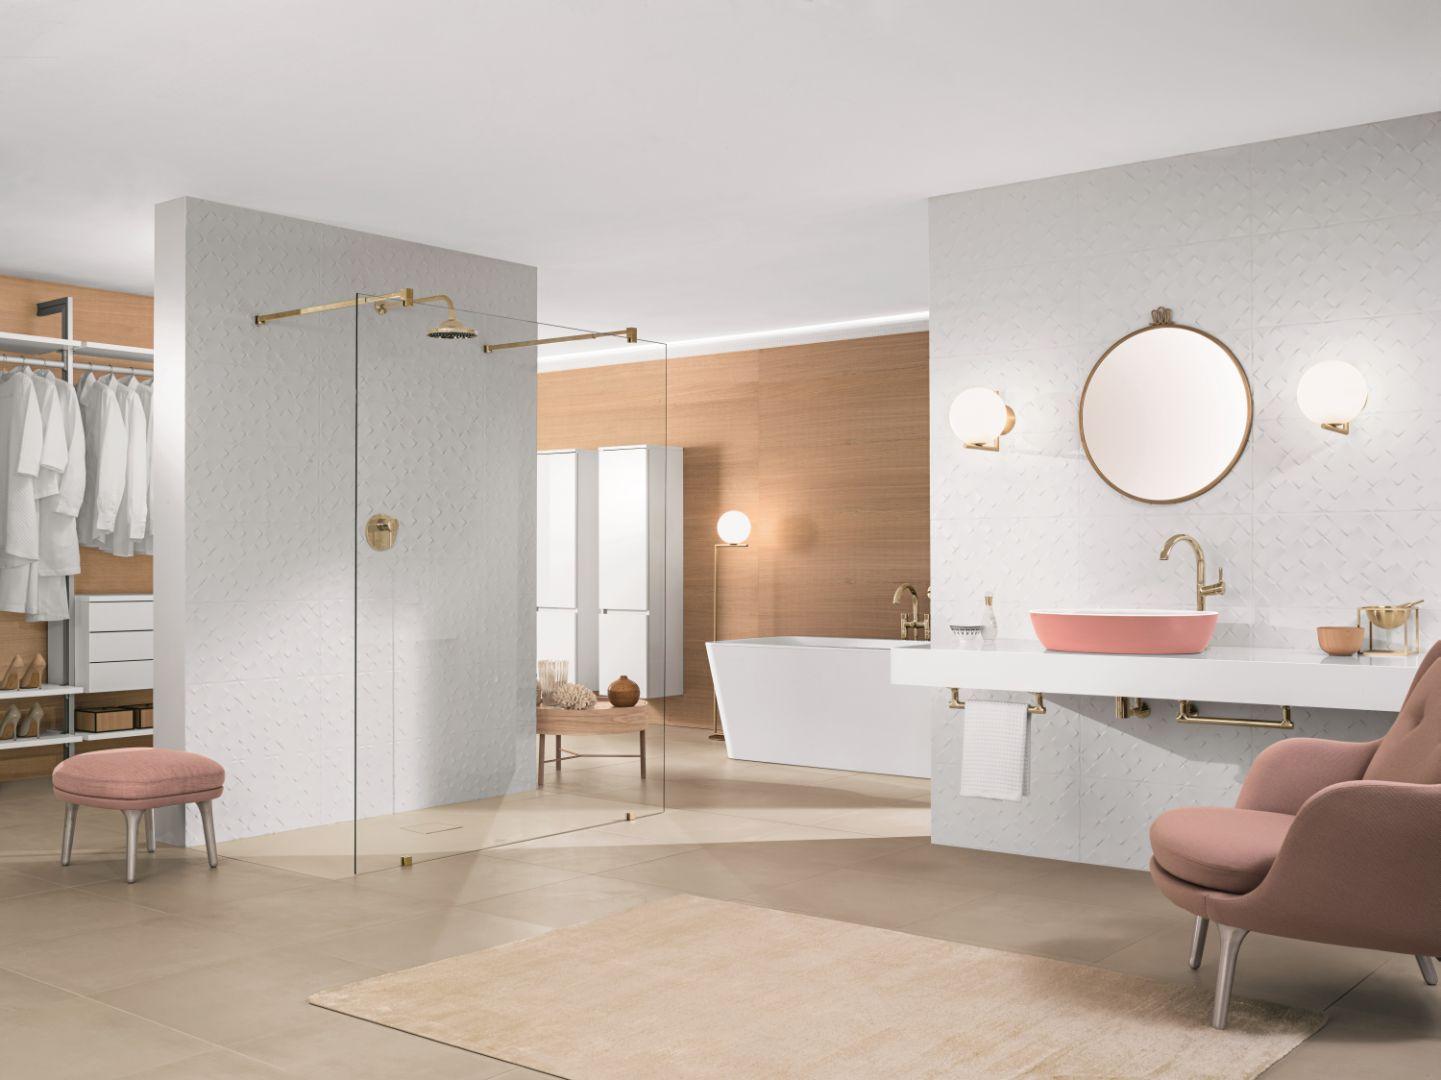 Aranżacja łazienki z pudrowym różem, w tym pudrowa umywalka Artis. Fot. Villeroy&Boch